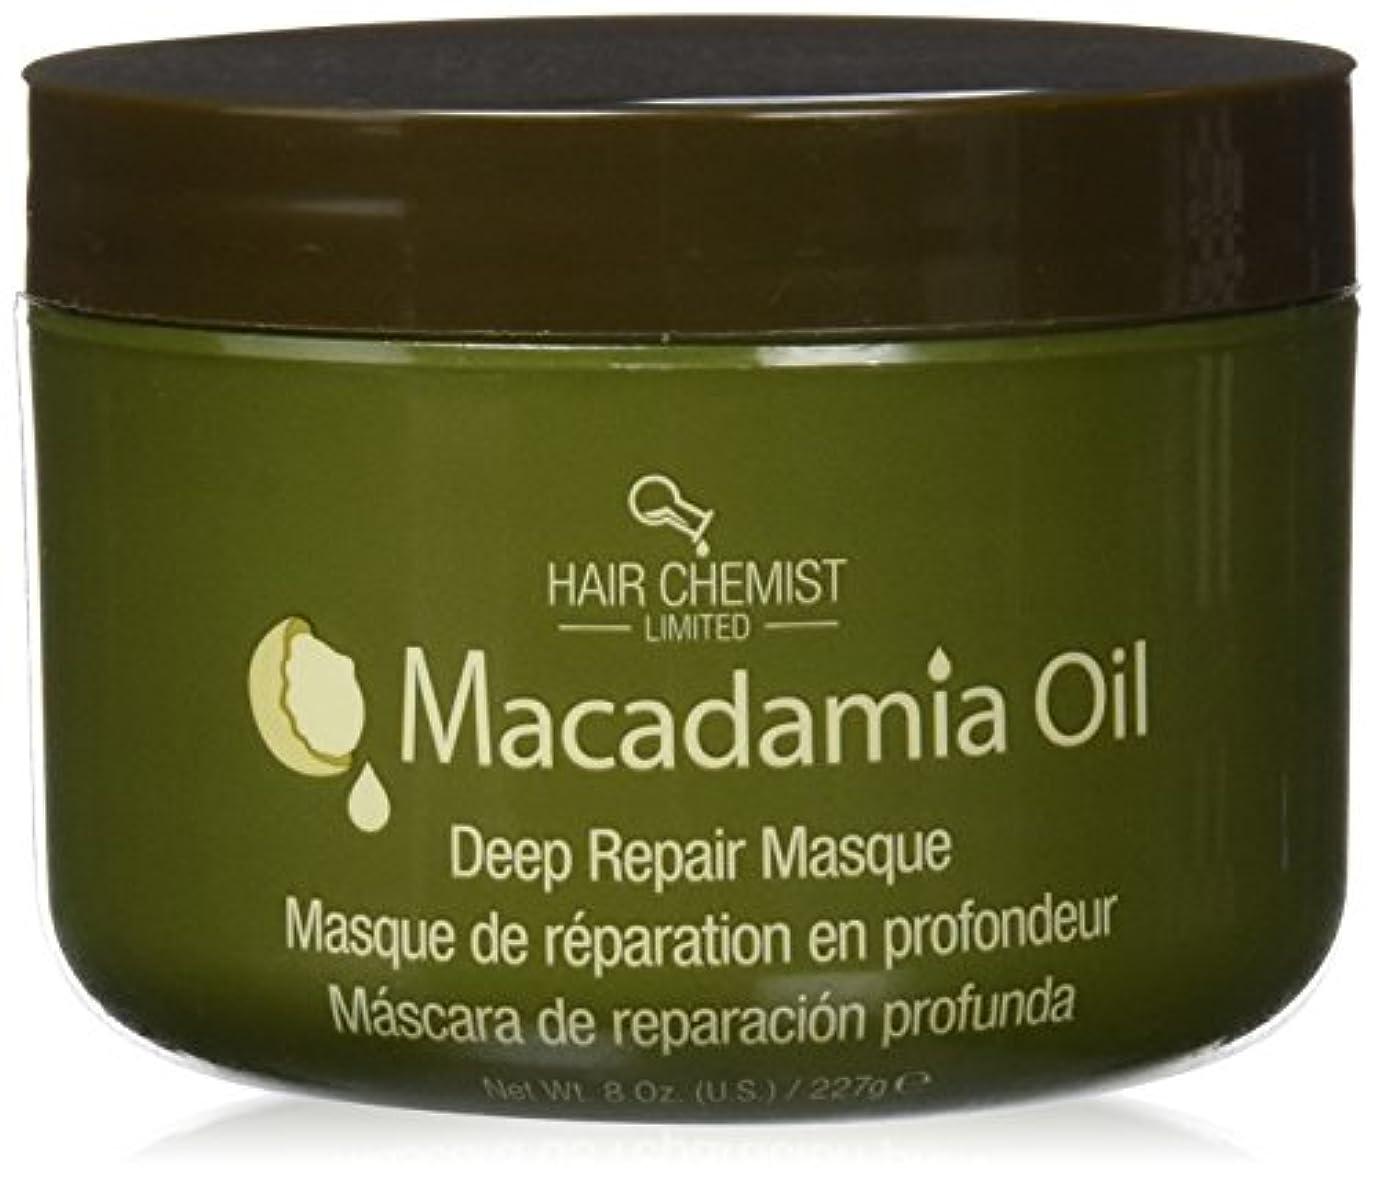 合わせて鳴らす高潔なHair Chemist ヘアマスク マカダミア オイル ディープリペアマスク 227g Macadamia Oil Deep Repair Mask 1434 New York